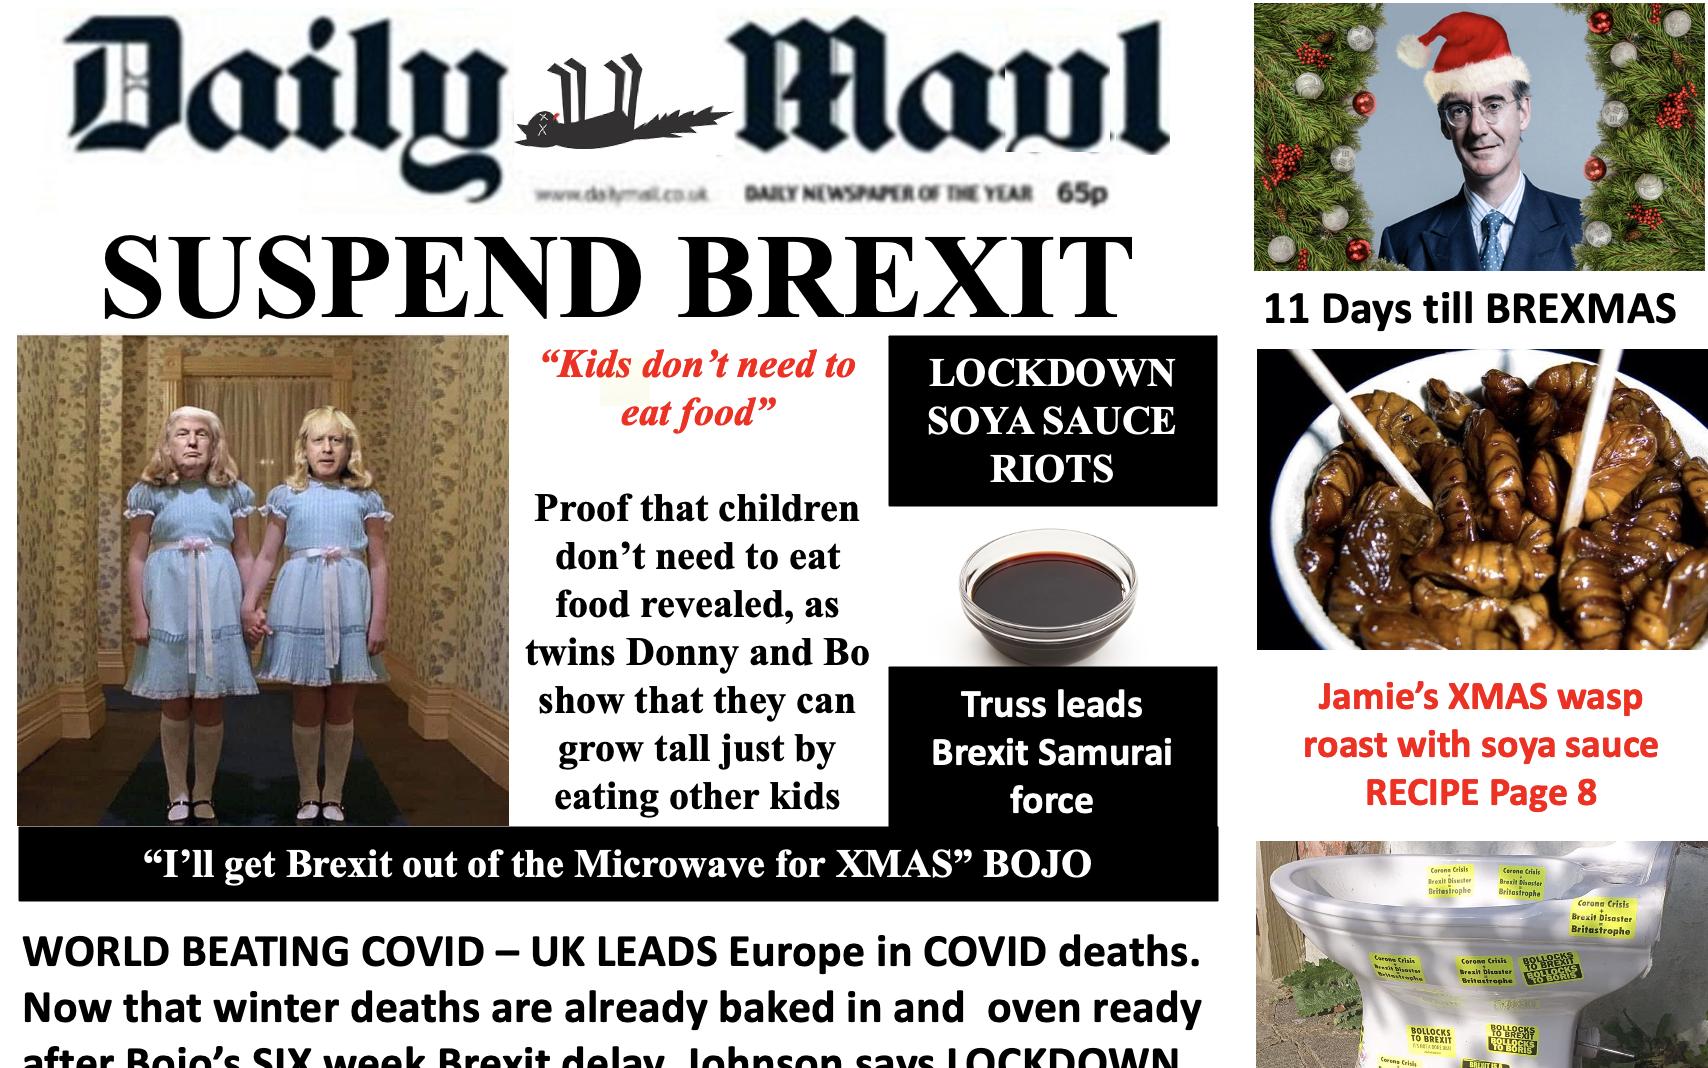 SuspEND Brexit